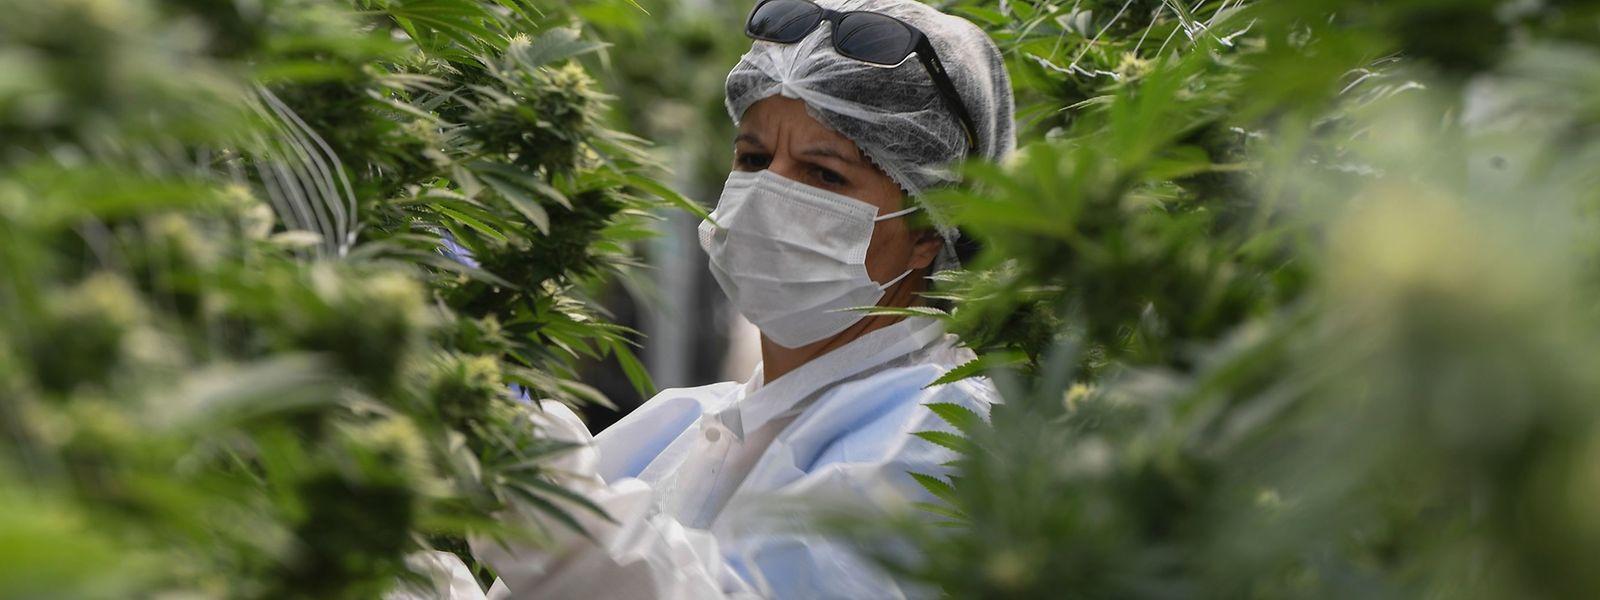 Eine Marihuana-Plantage in Uruguay: Das südamerikanische Land hat als weltweit erster Staat den Anbau und Verkauf von Cannabis unter staatlicher Kontrolle erlaubt. Luxemburg will ein ähnliches Modell umsetzen.